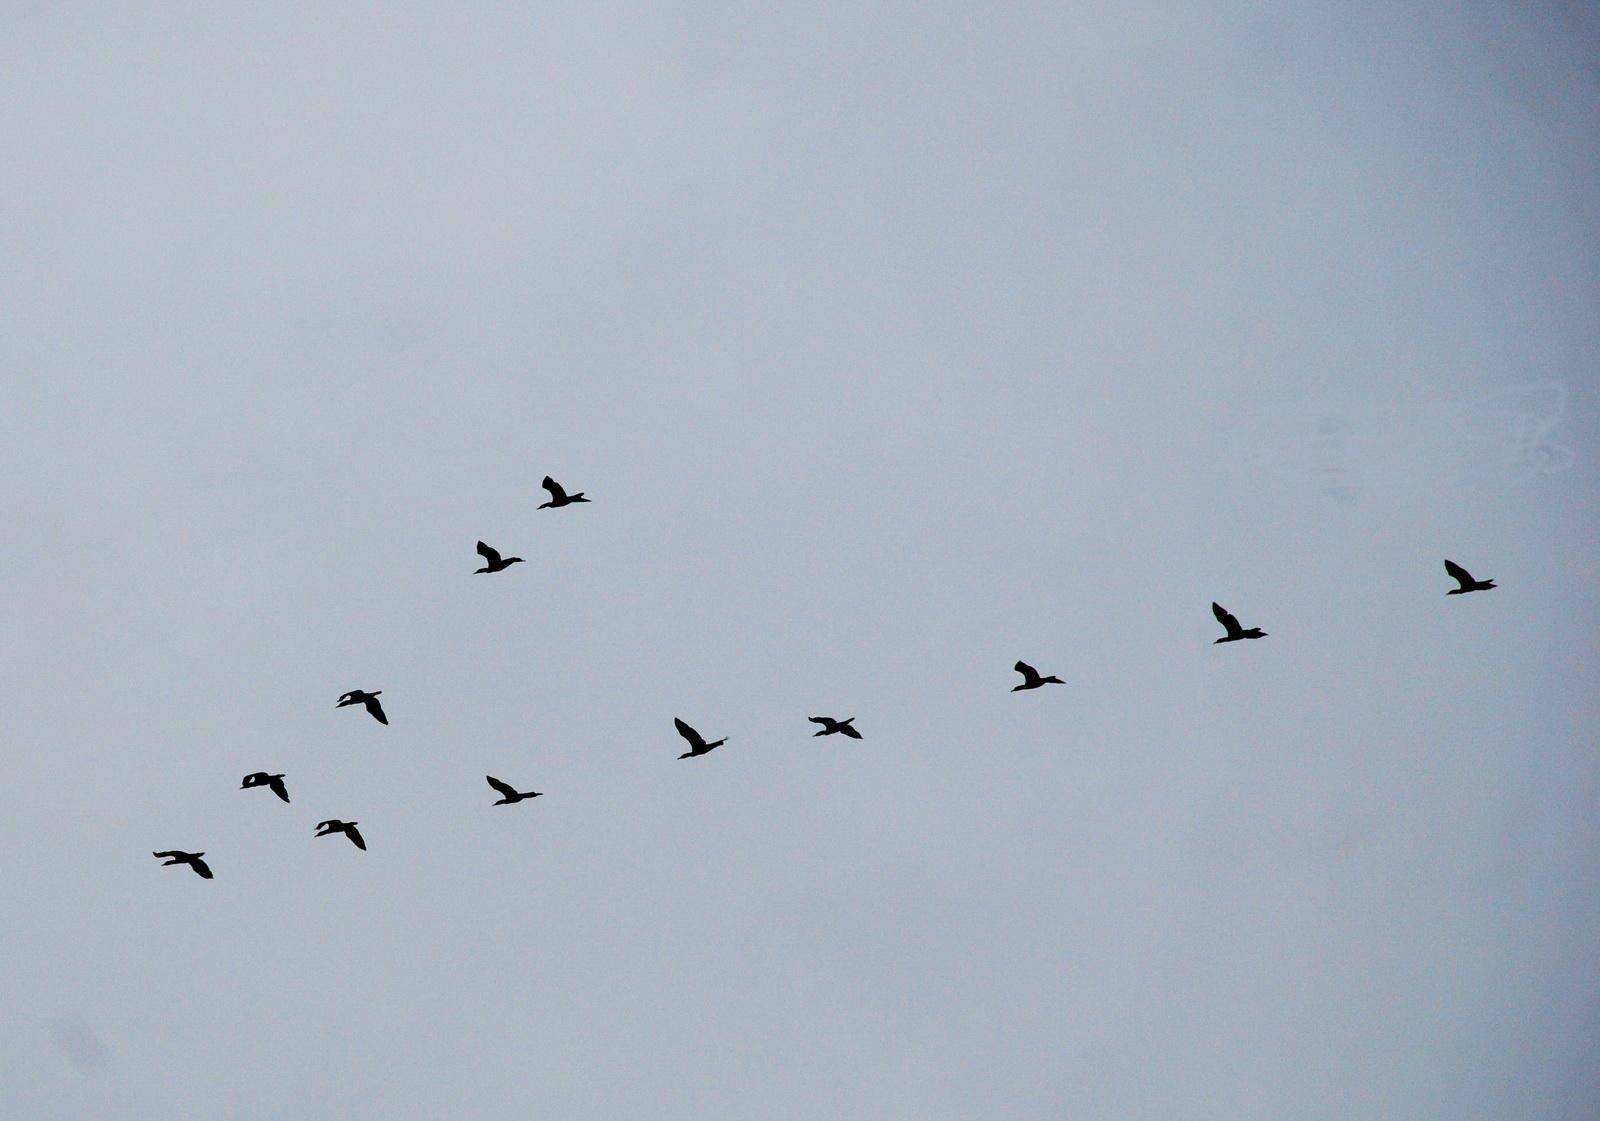 קורמורנים בתעופת ראש חץ